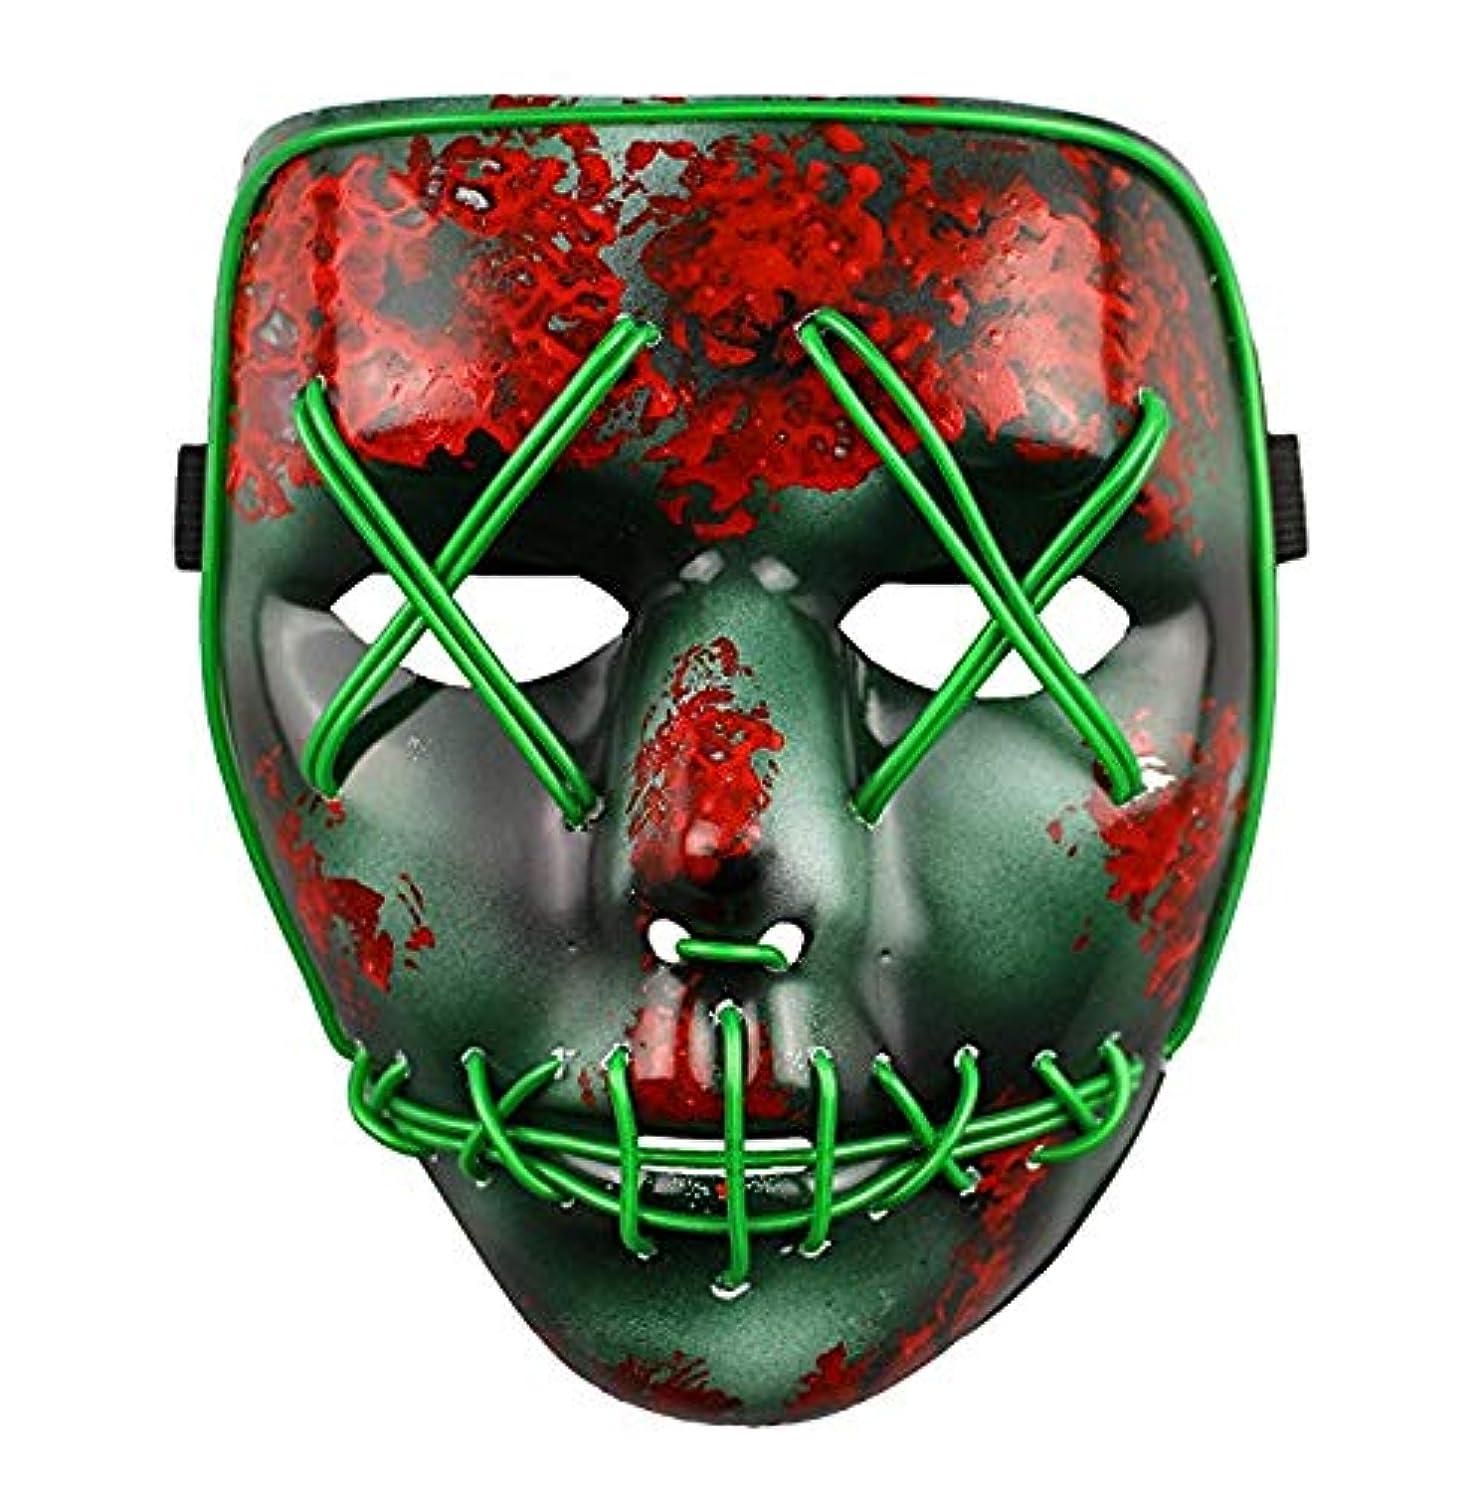 基本的な注意平行ライトアップマスクフェスティバルハロウィンコスチュームアダルトマスク